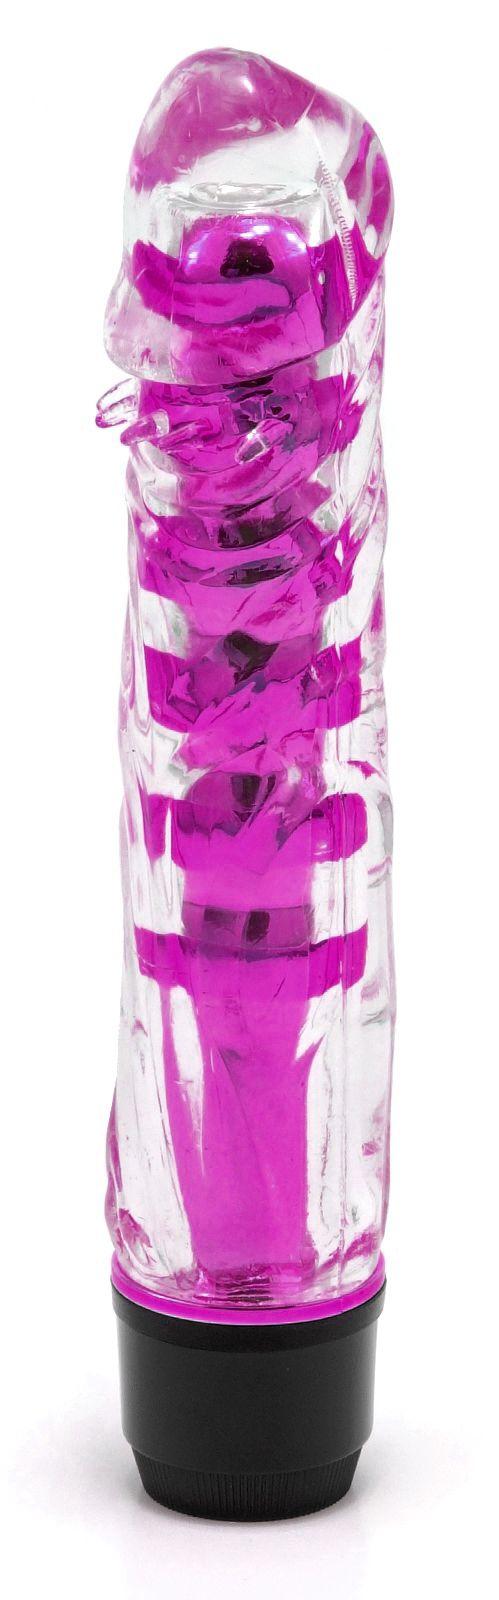 Vibrátor - fialový (17,5 cm)